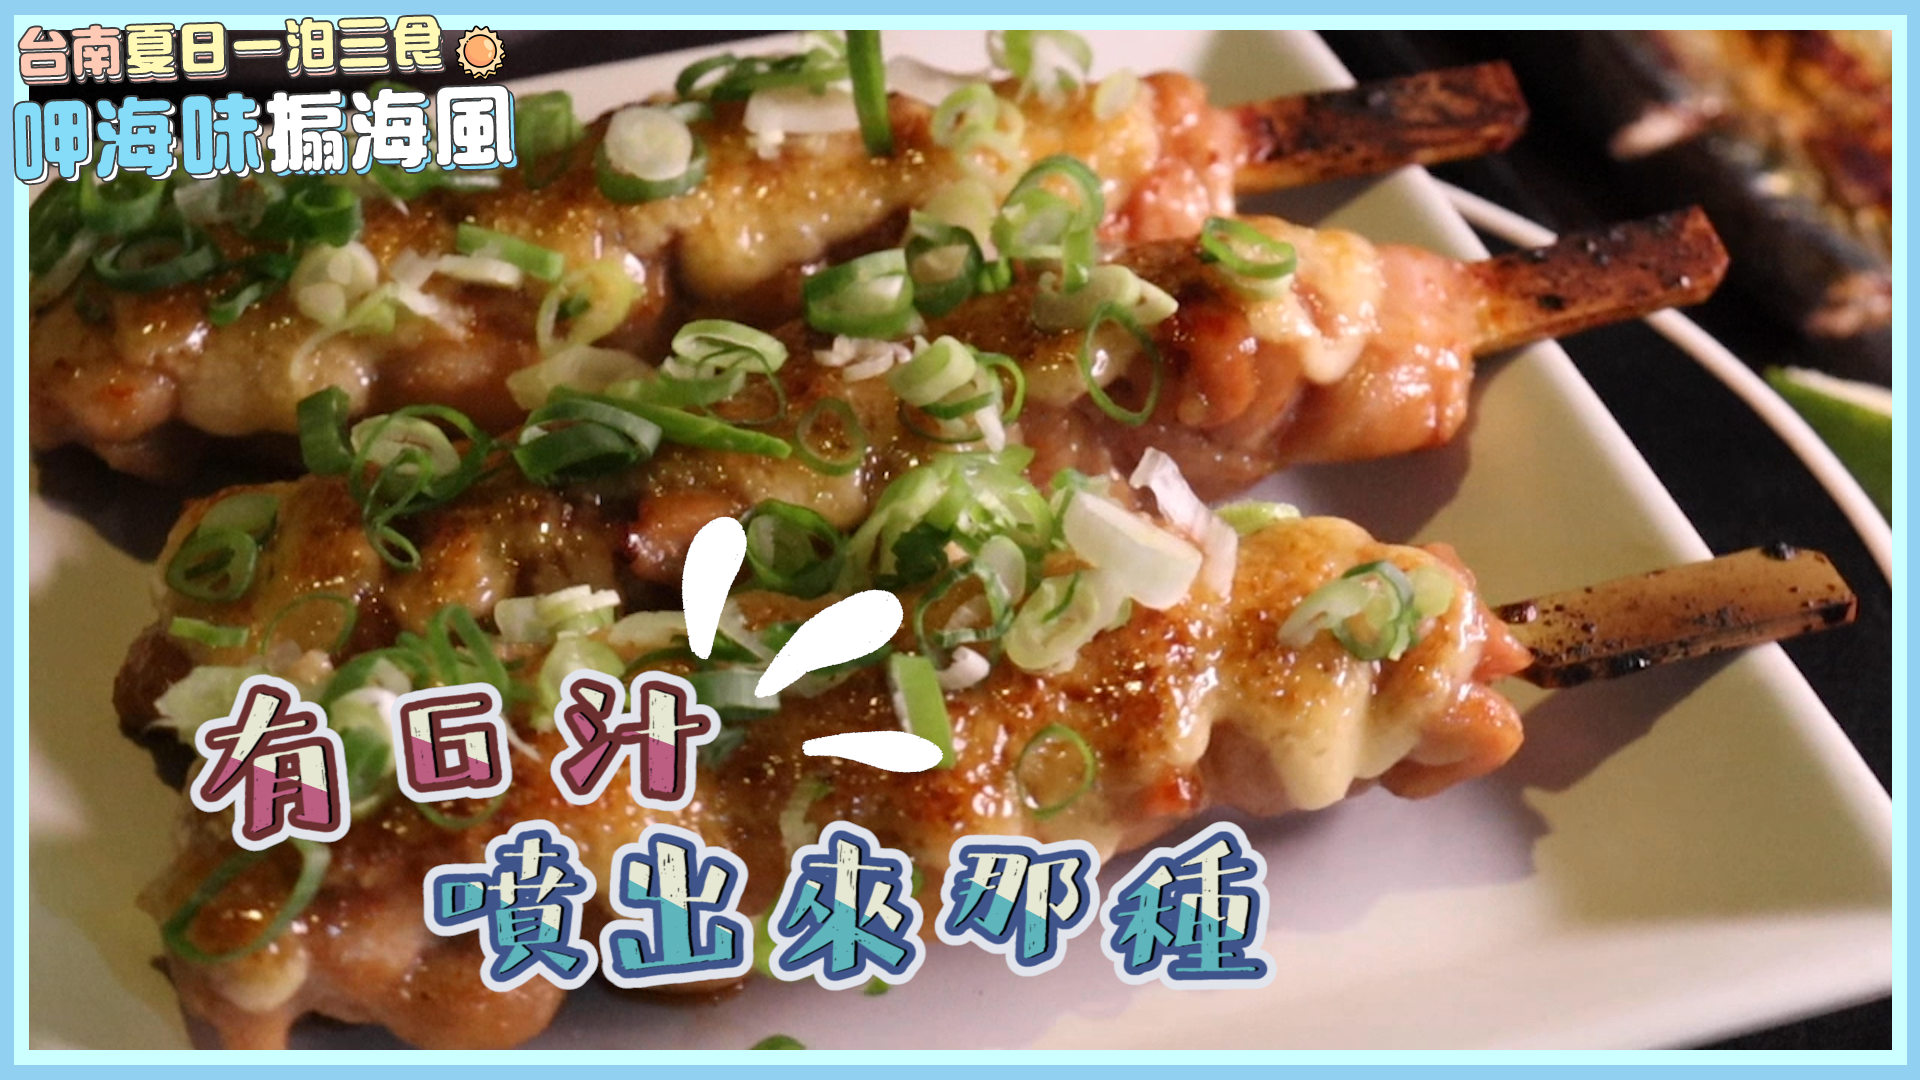 暢玩台南最強濱海夢幻露營地 日落美到不捨眨眼 深夜食堂串燒超美味